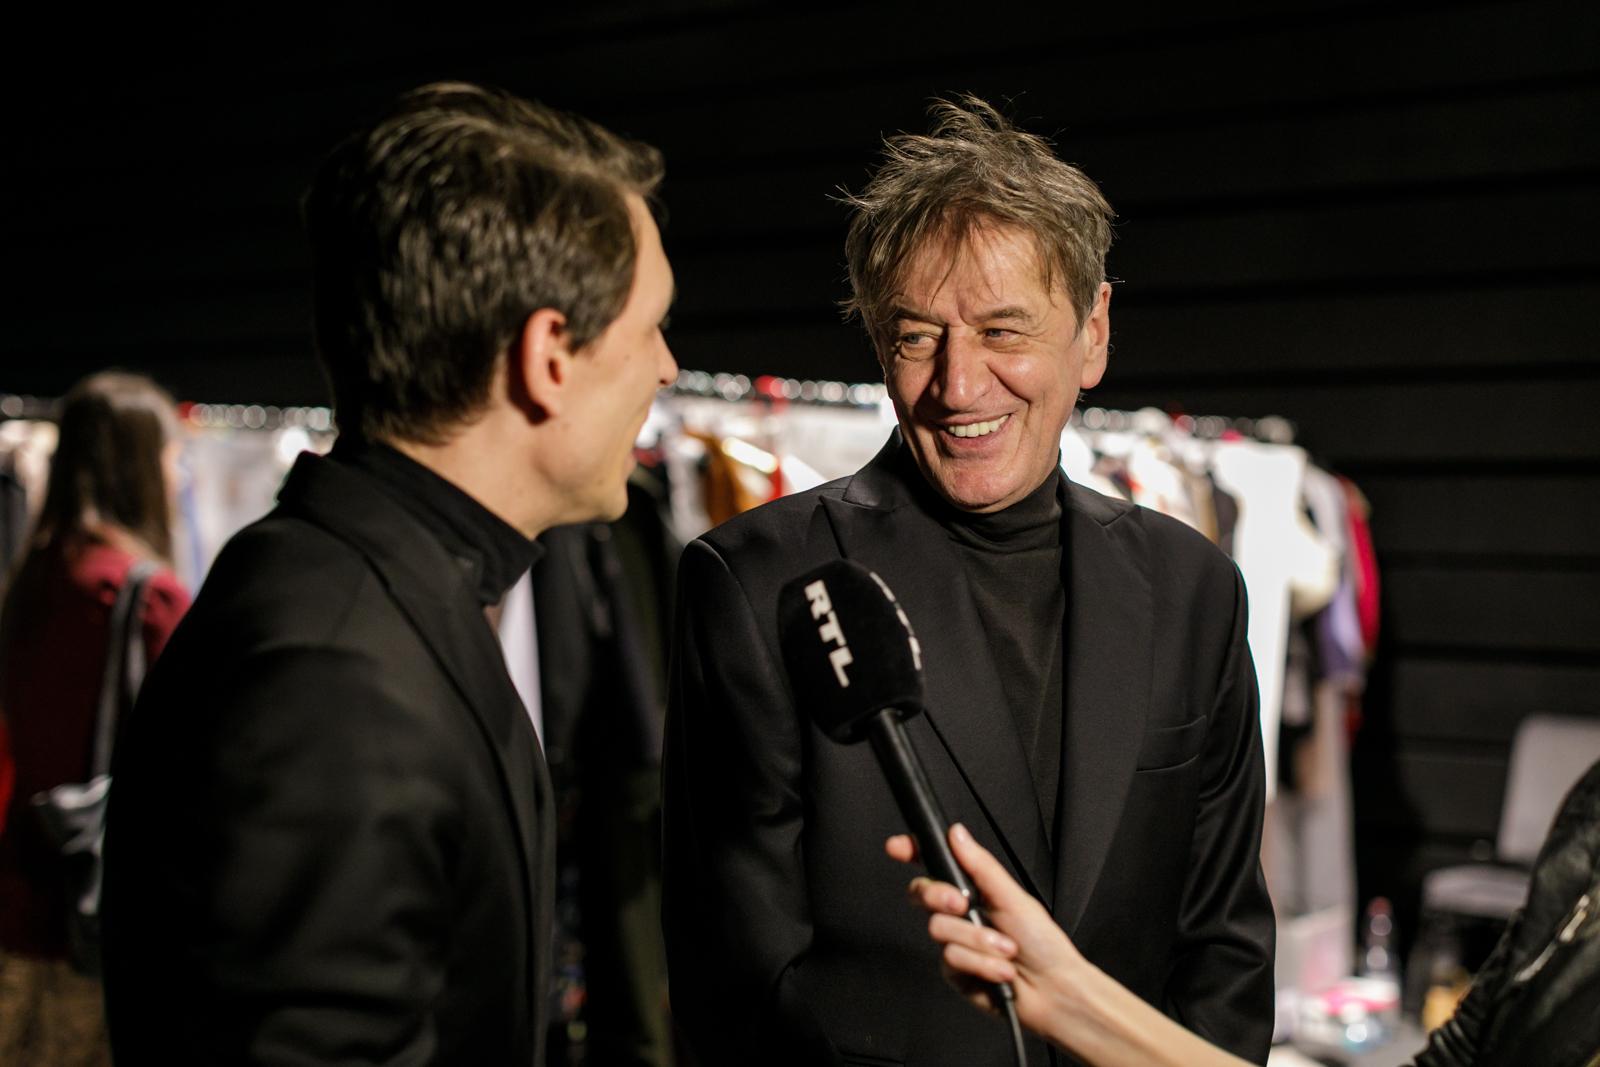 2. kép: Mucsi Zoltán épp interjút ad Lakatos Sándorral